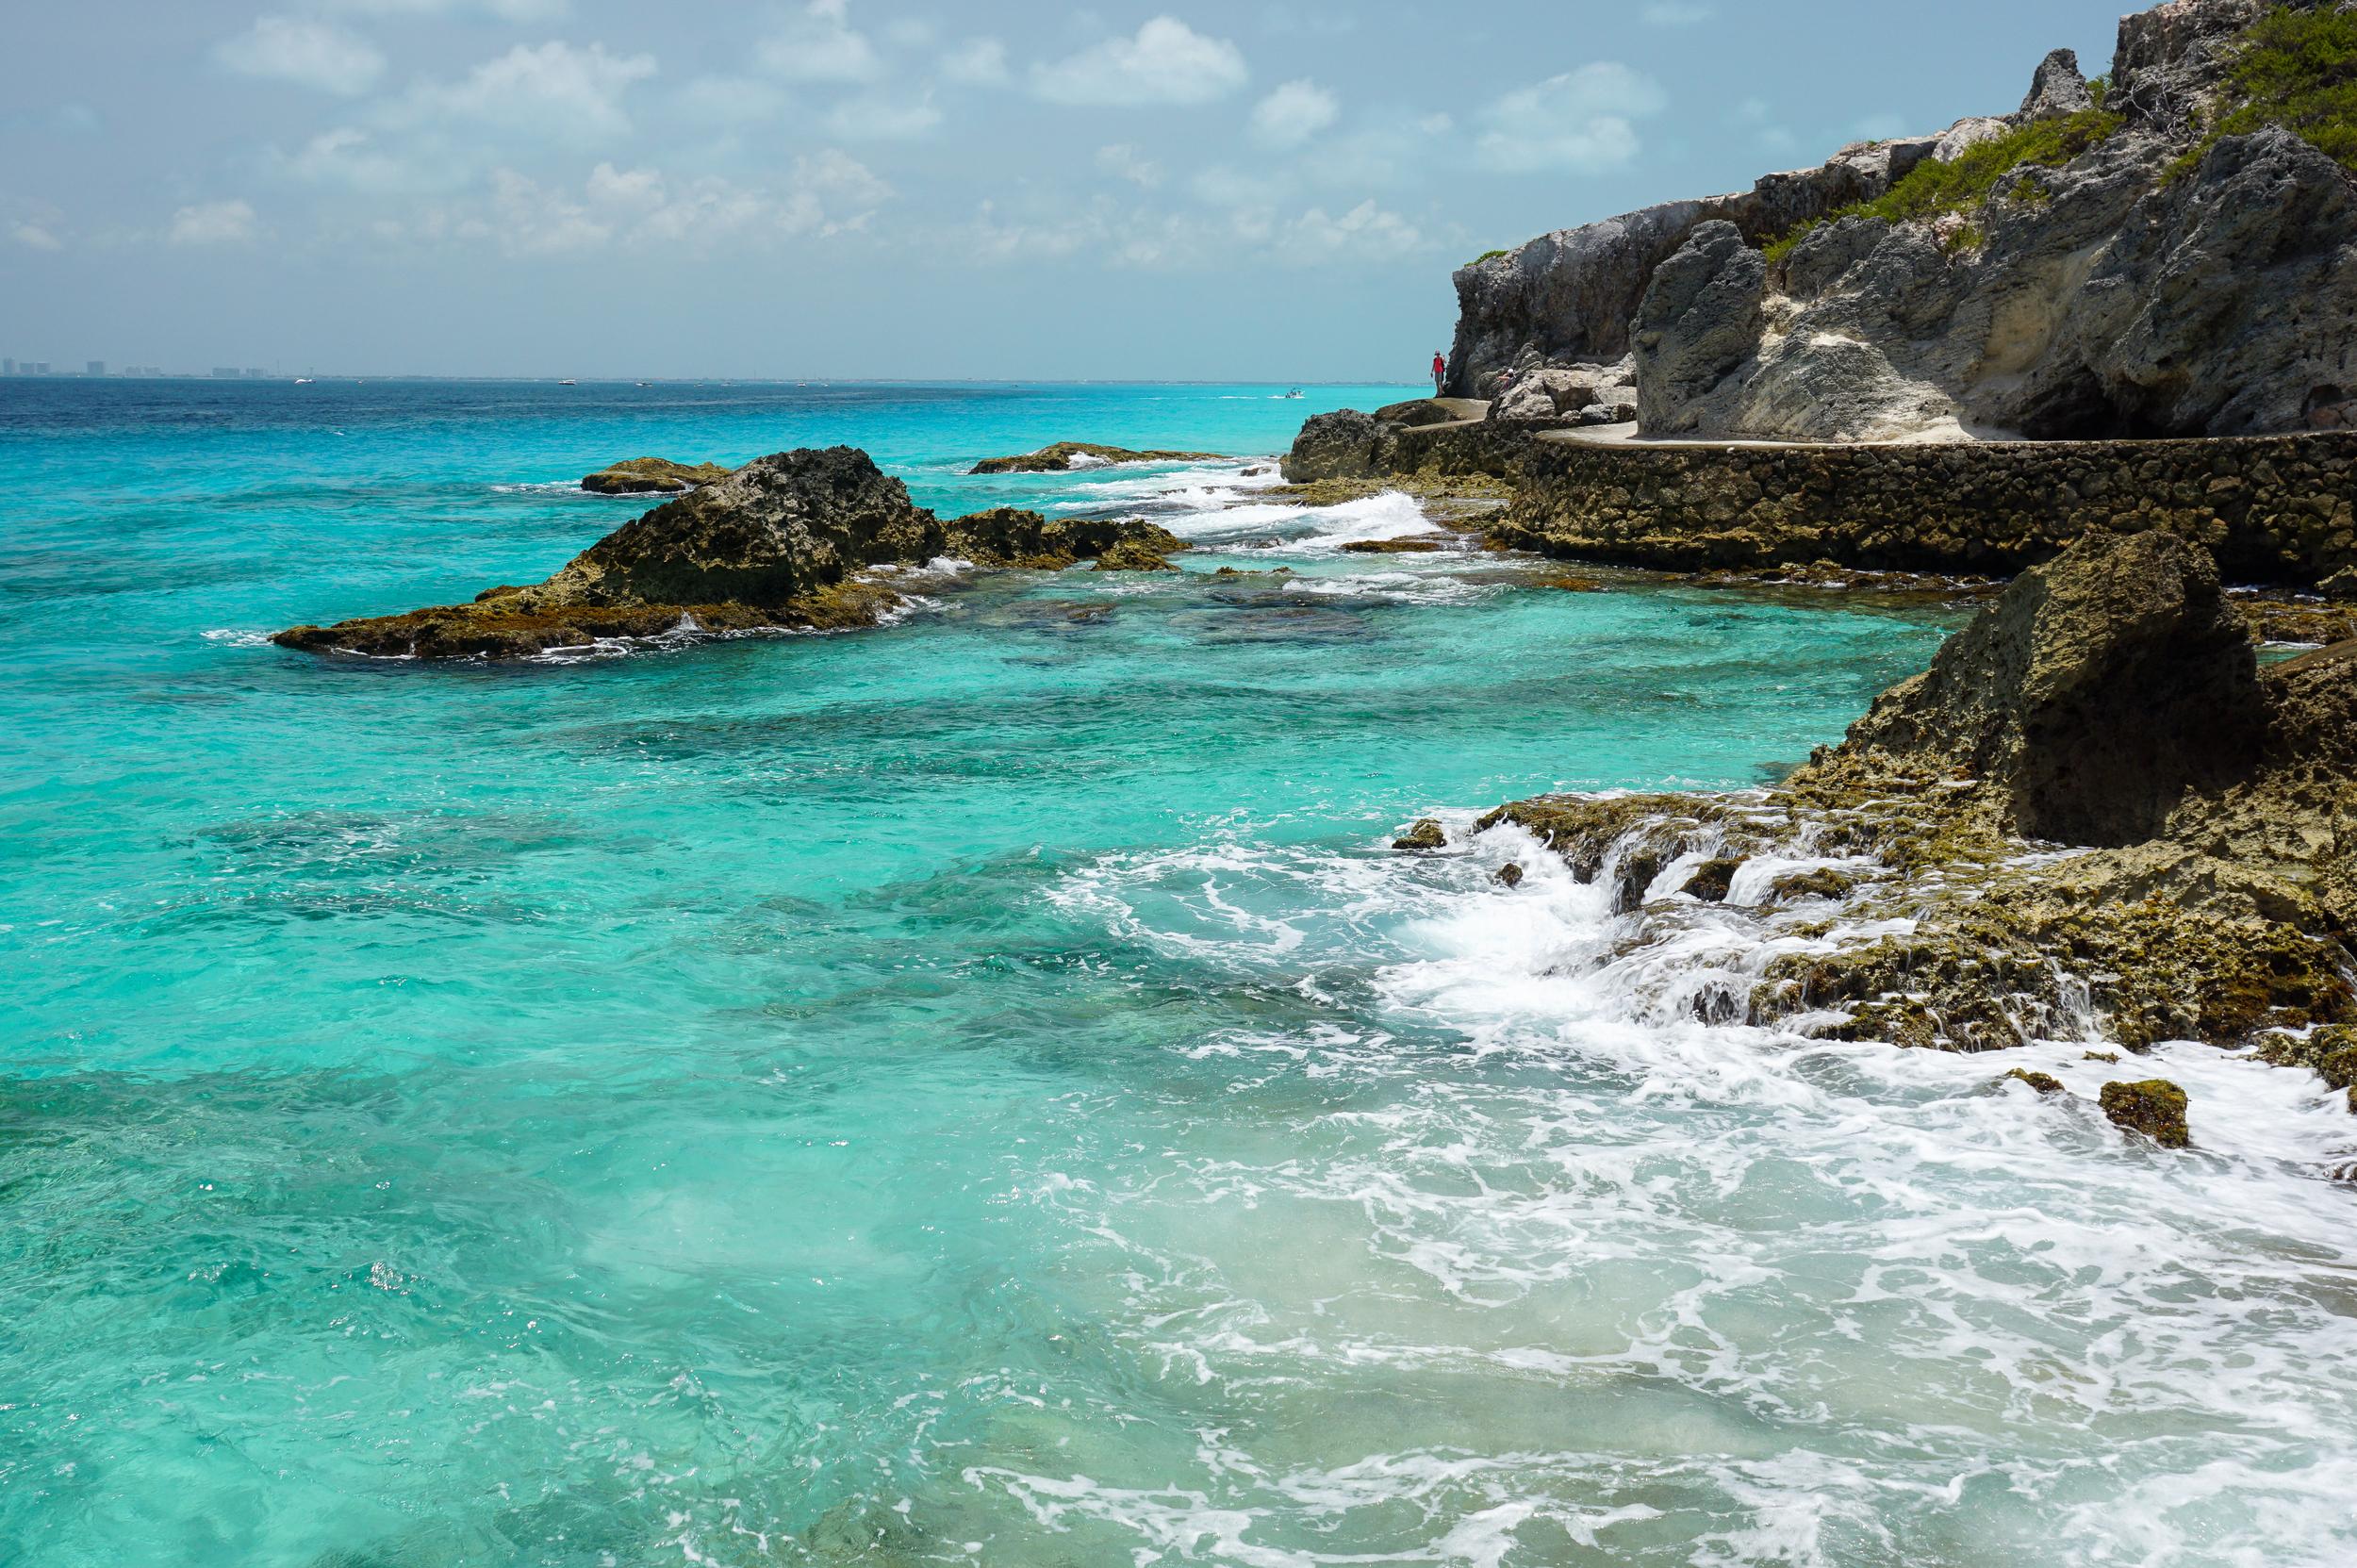 the national parks girl_isla mujeres_mexico_ixchel_sony.JPG